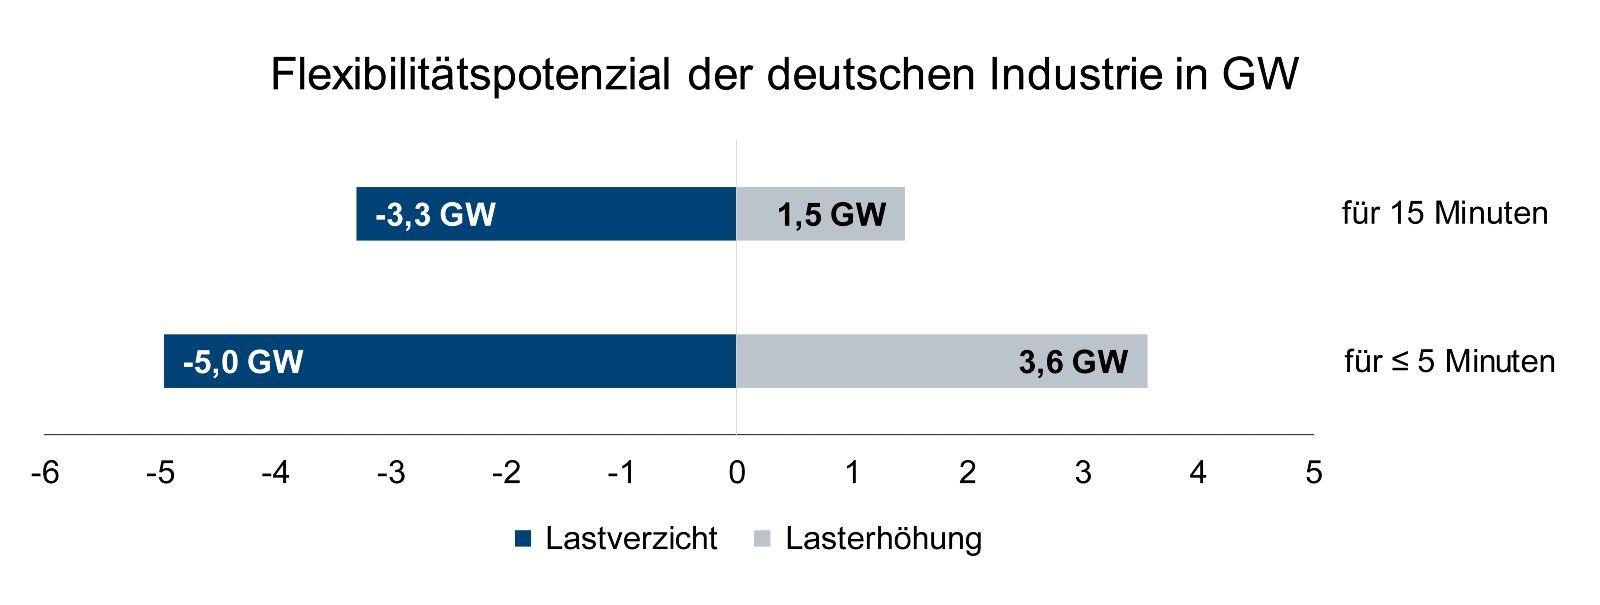 Das Bild zeigt eine Grafik zum Flexibilisierungspotenzial der deutschen Industrie in Gigawatt.